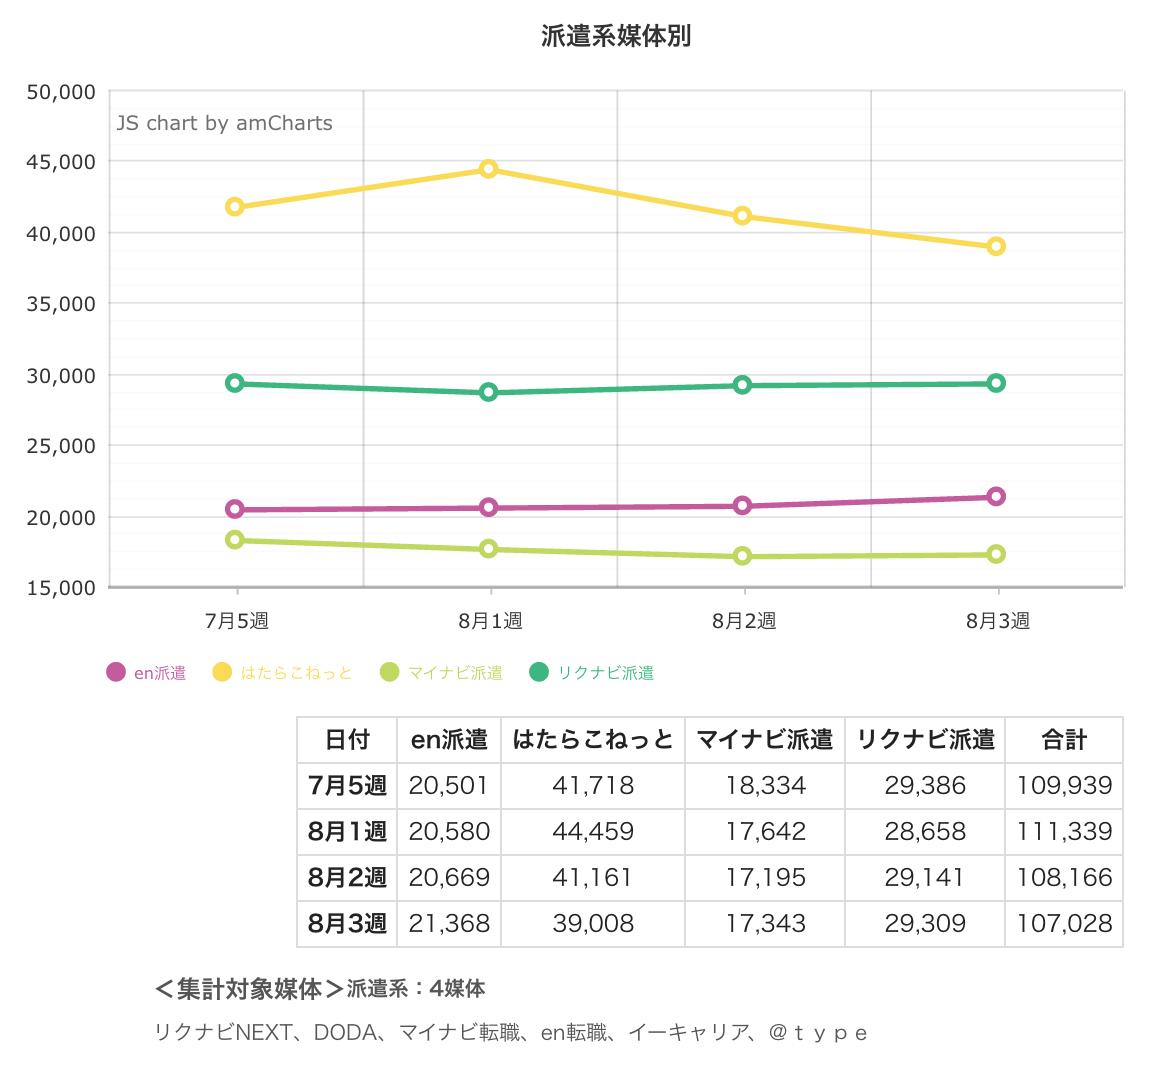 ウィークリー求人サイト掲載件数速報 2015年8月3週